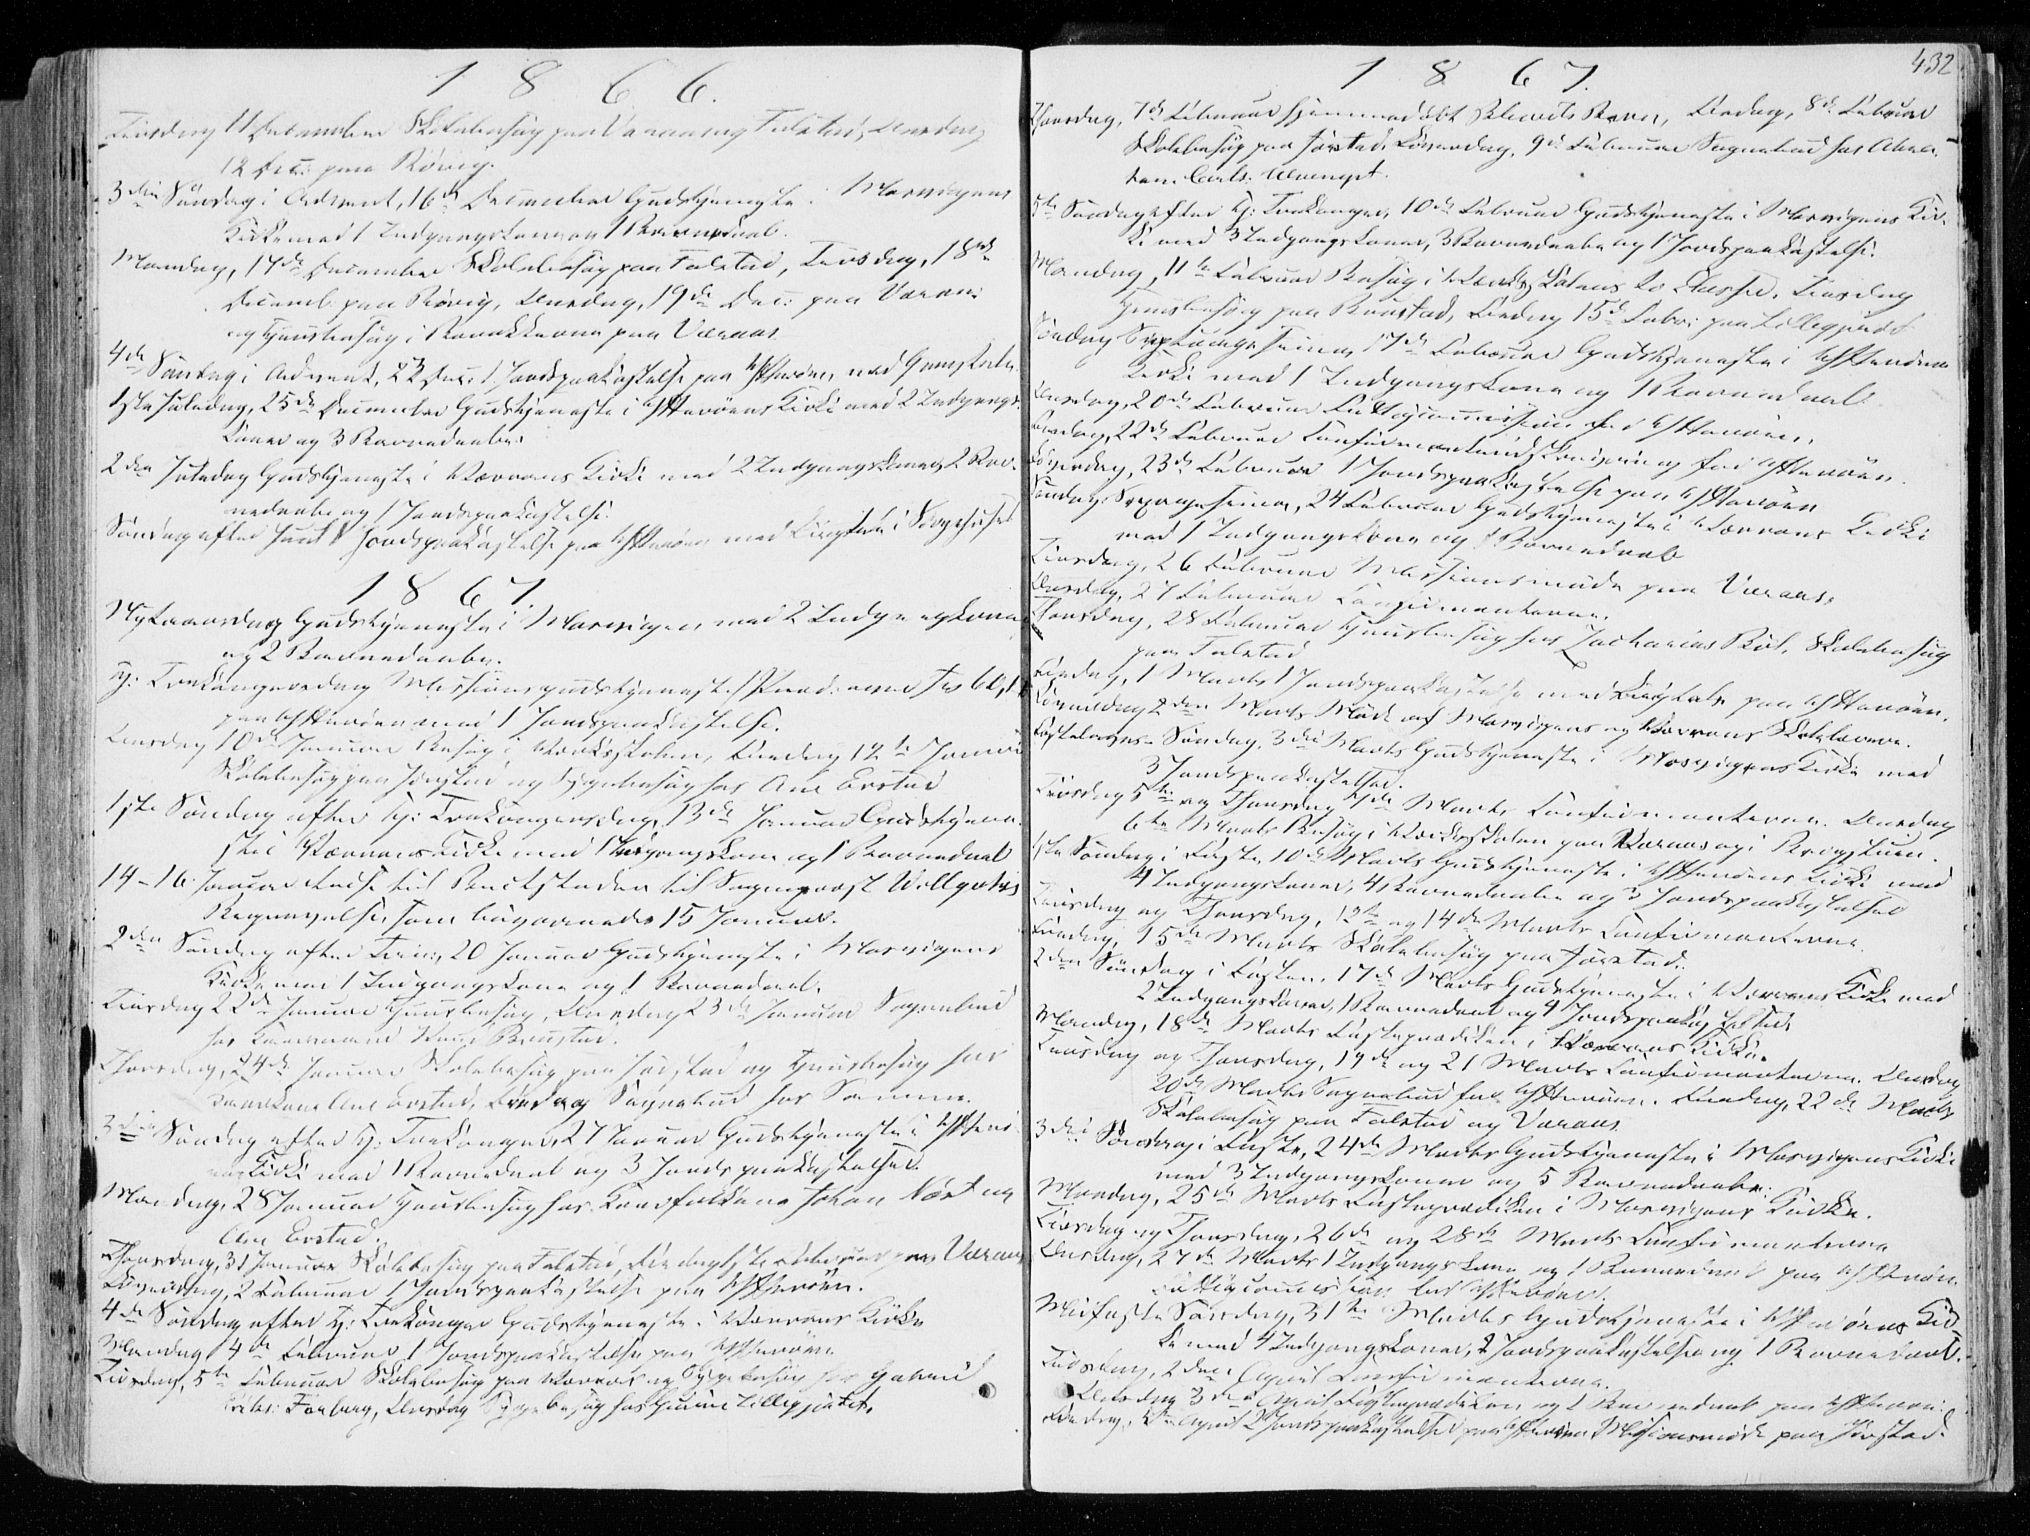 SAT, Ministerialprotokoller, klokkerbøker og fødselsregistre - Nord-Trøndelag, 722/L0218: Ministerialbok nr. 722A05, 1843-1868, s. 432